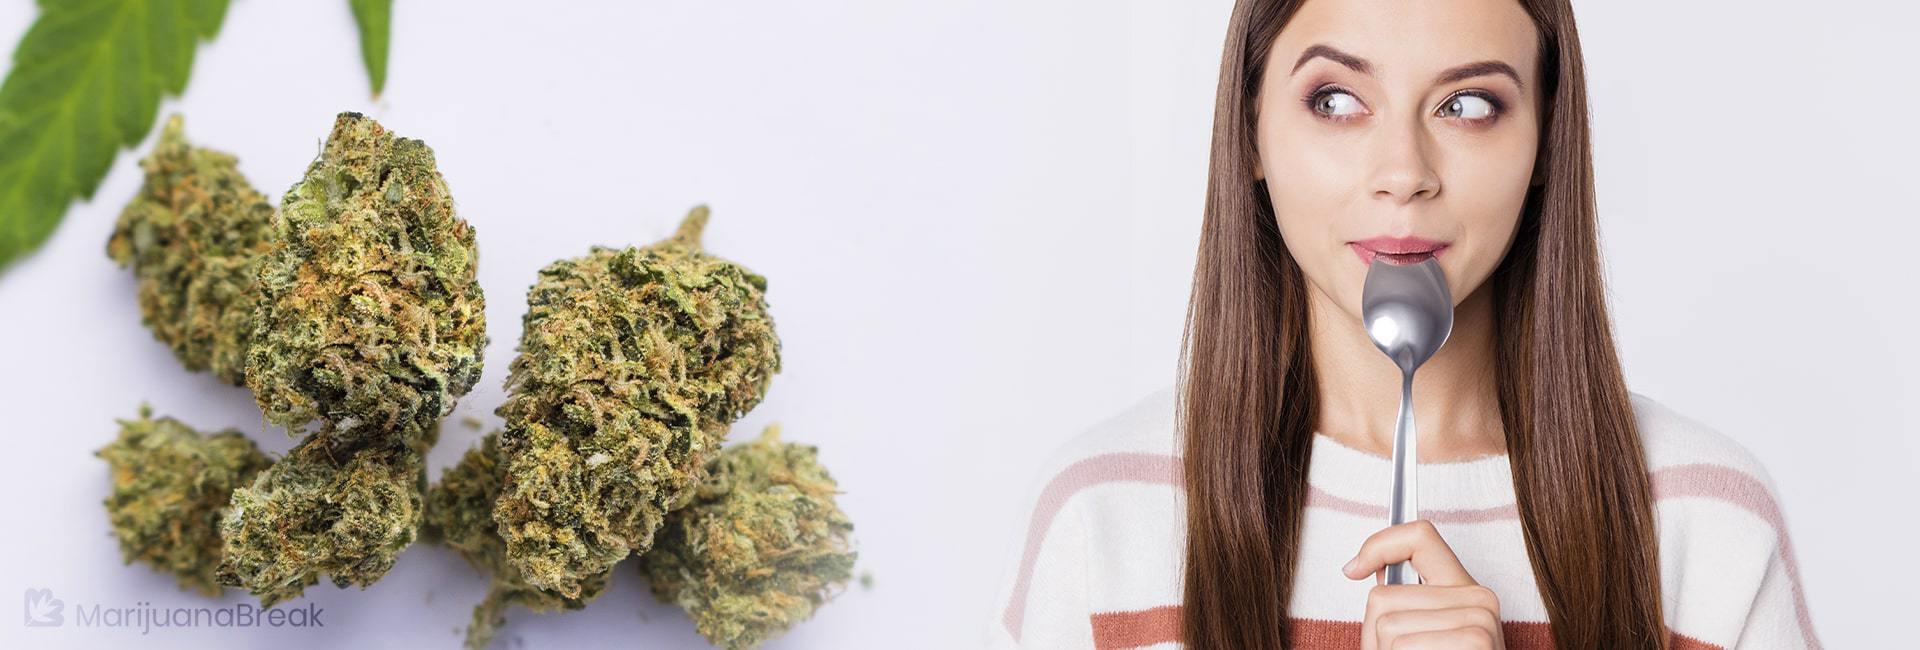 la cannabis può aiutare a bruciare calorie